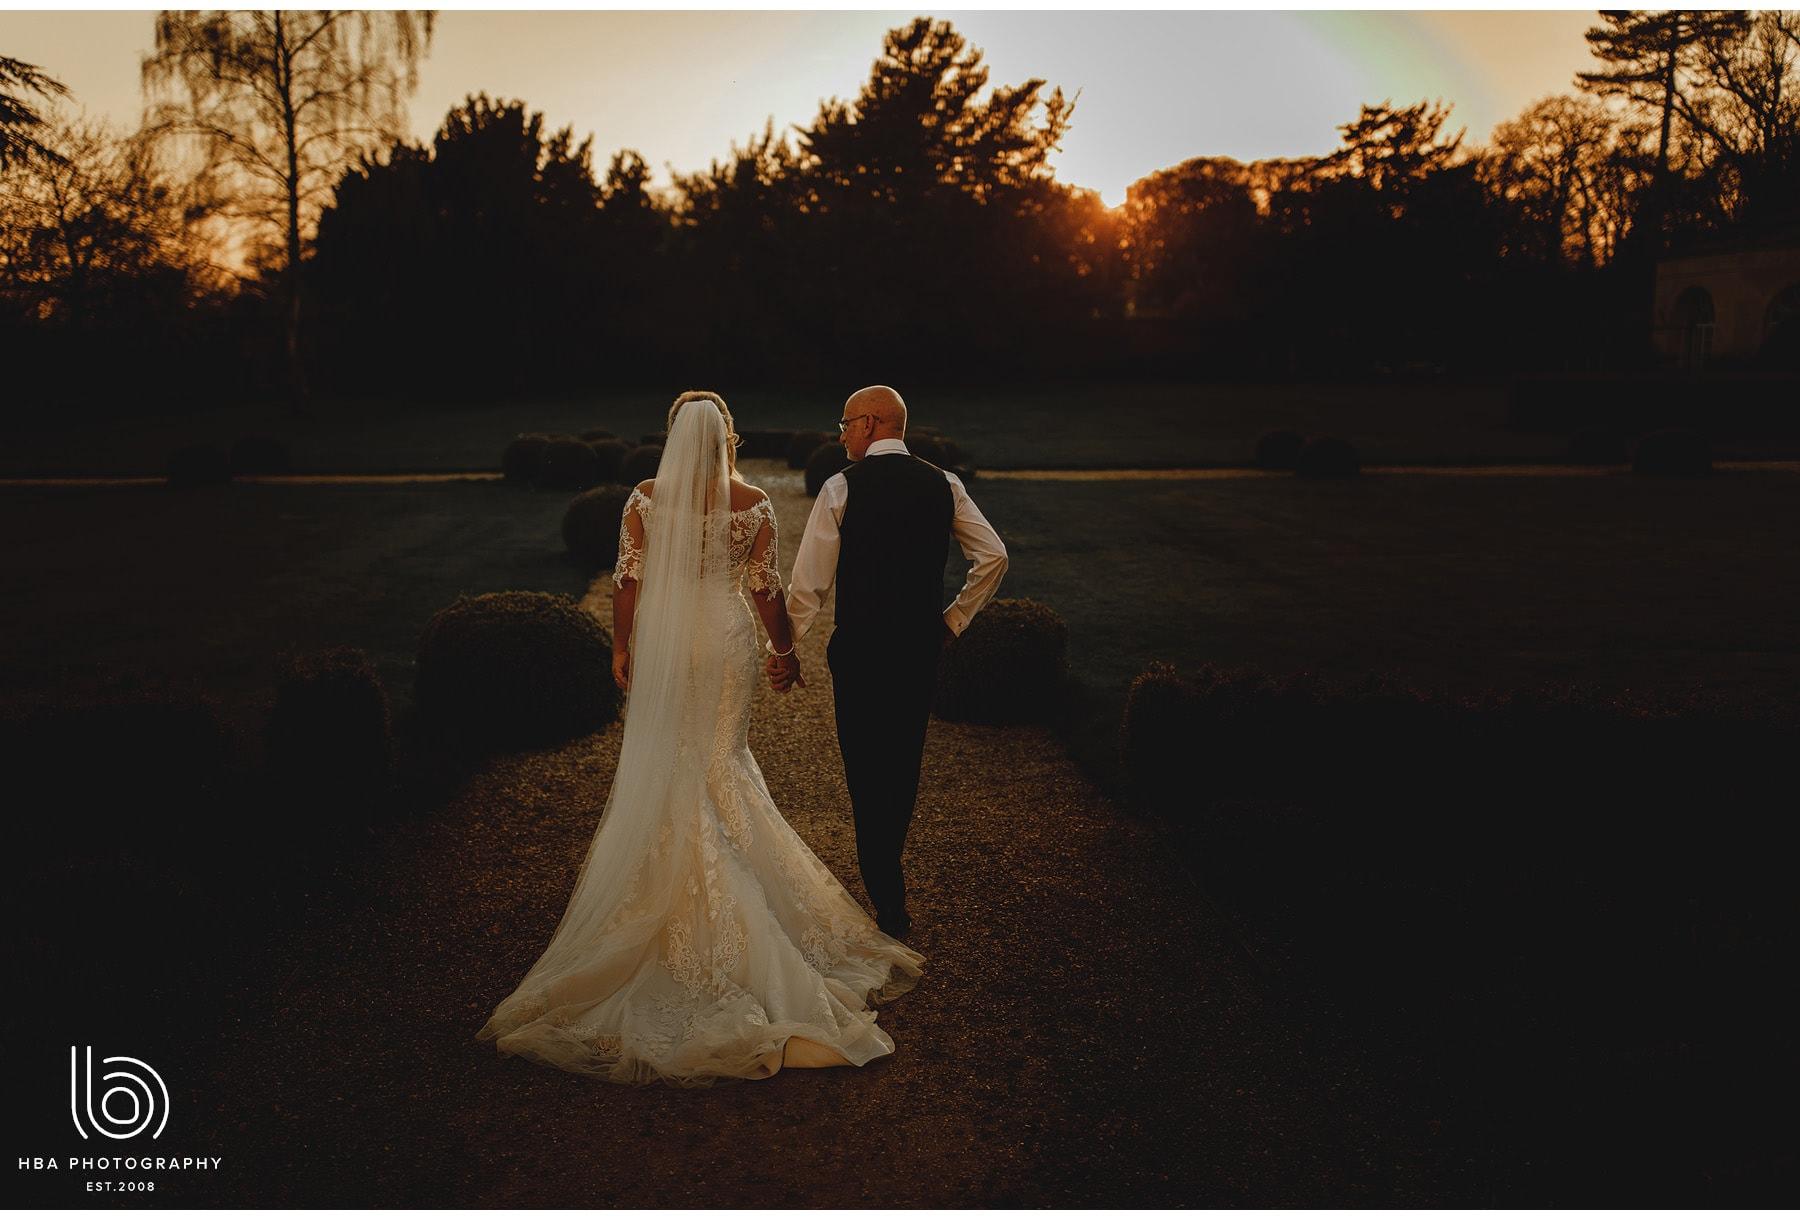 the bride & groom walking in the dusk